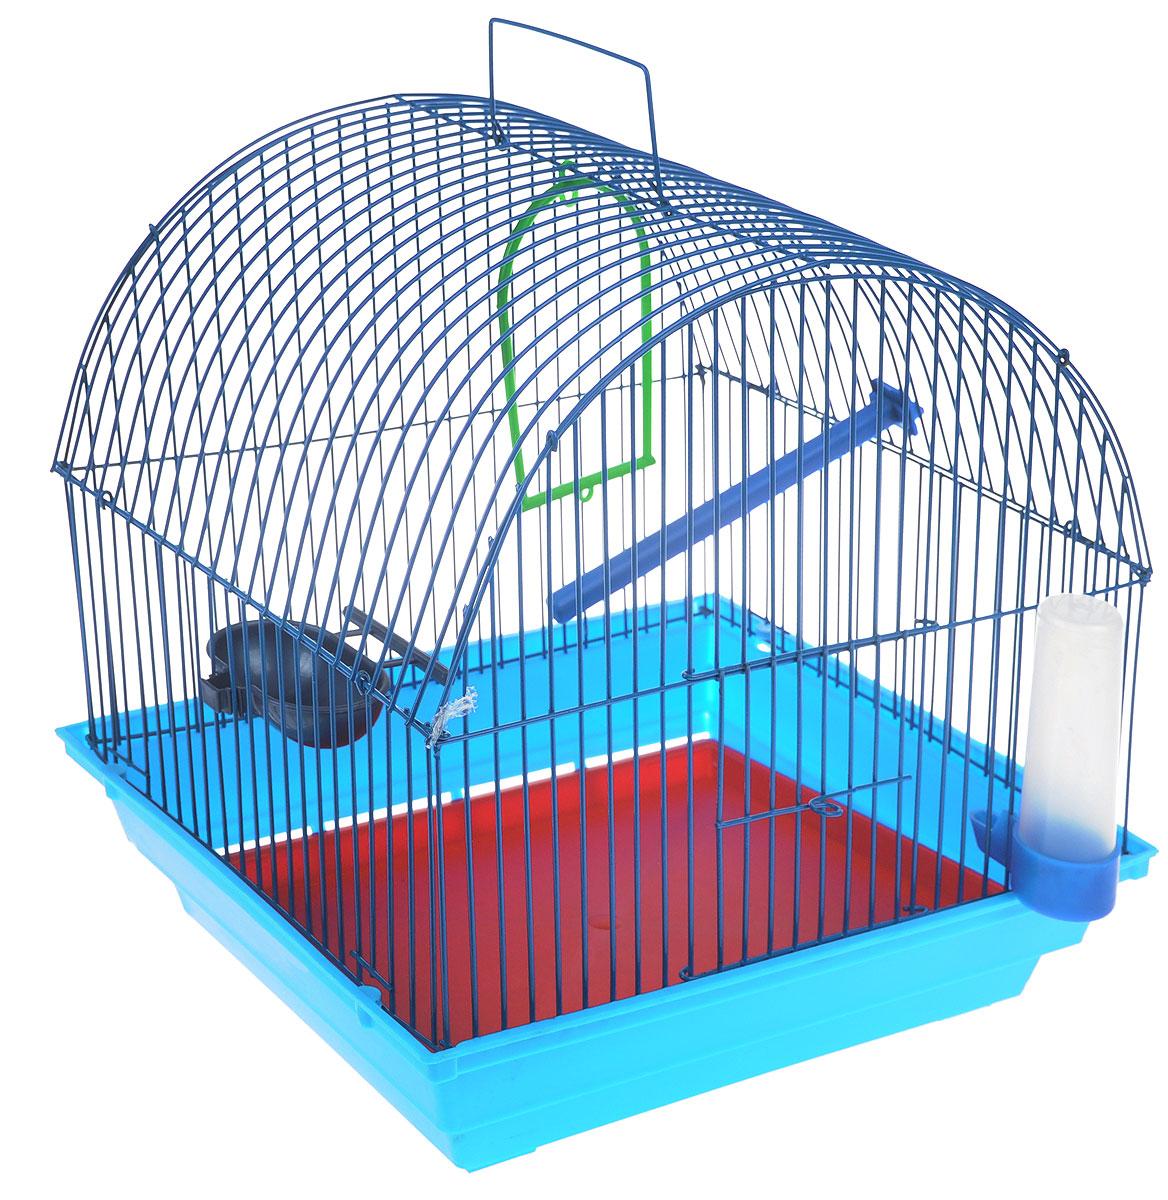 Клетка для птиц ЗооМарк, цвет: голубой поддон, синяя решетка, 35 х 28 х 34 см420_голубой, синийКлетка ЗооМарк, выполненная из полипропилена и металла с эмалированным покрытием, предназначена для мелких птиц. Изделие состоит из большого поддона и решетки. Клетка снабжена металлической дверцей. В основании клетки находится малый поддон. Клетка удобна в использовании и легко чистится. Она оснащена жердочкой, кольцом для птицы, поилкой, кормушкой и подвижной ручкой для удобной переноски. Комплектация: - клетка с поддоном, - малый поддон; - поилка; - кормушка; - кольцо.